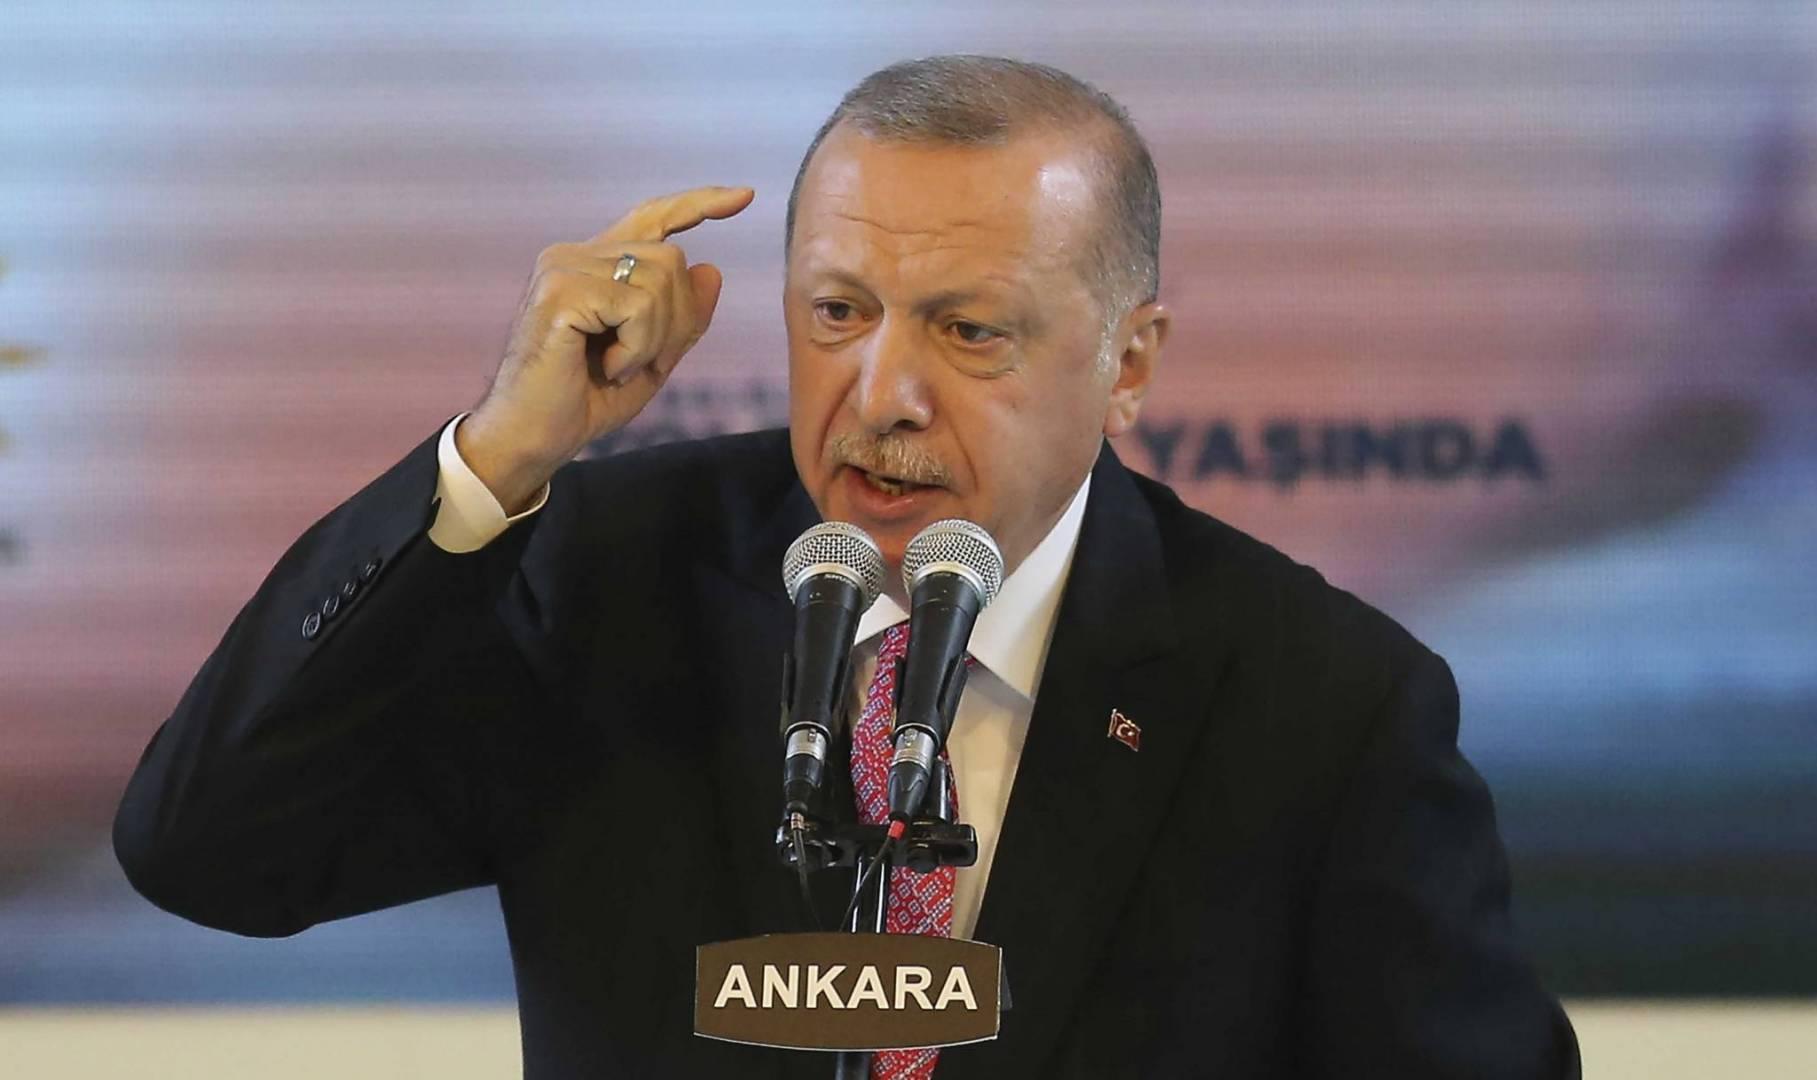 أردوغان: الرئيس الفرنسي بحاجة إلى «فحص صحته العقلية»